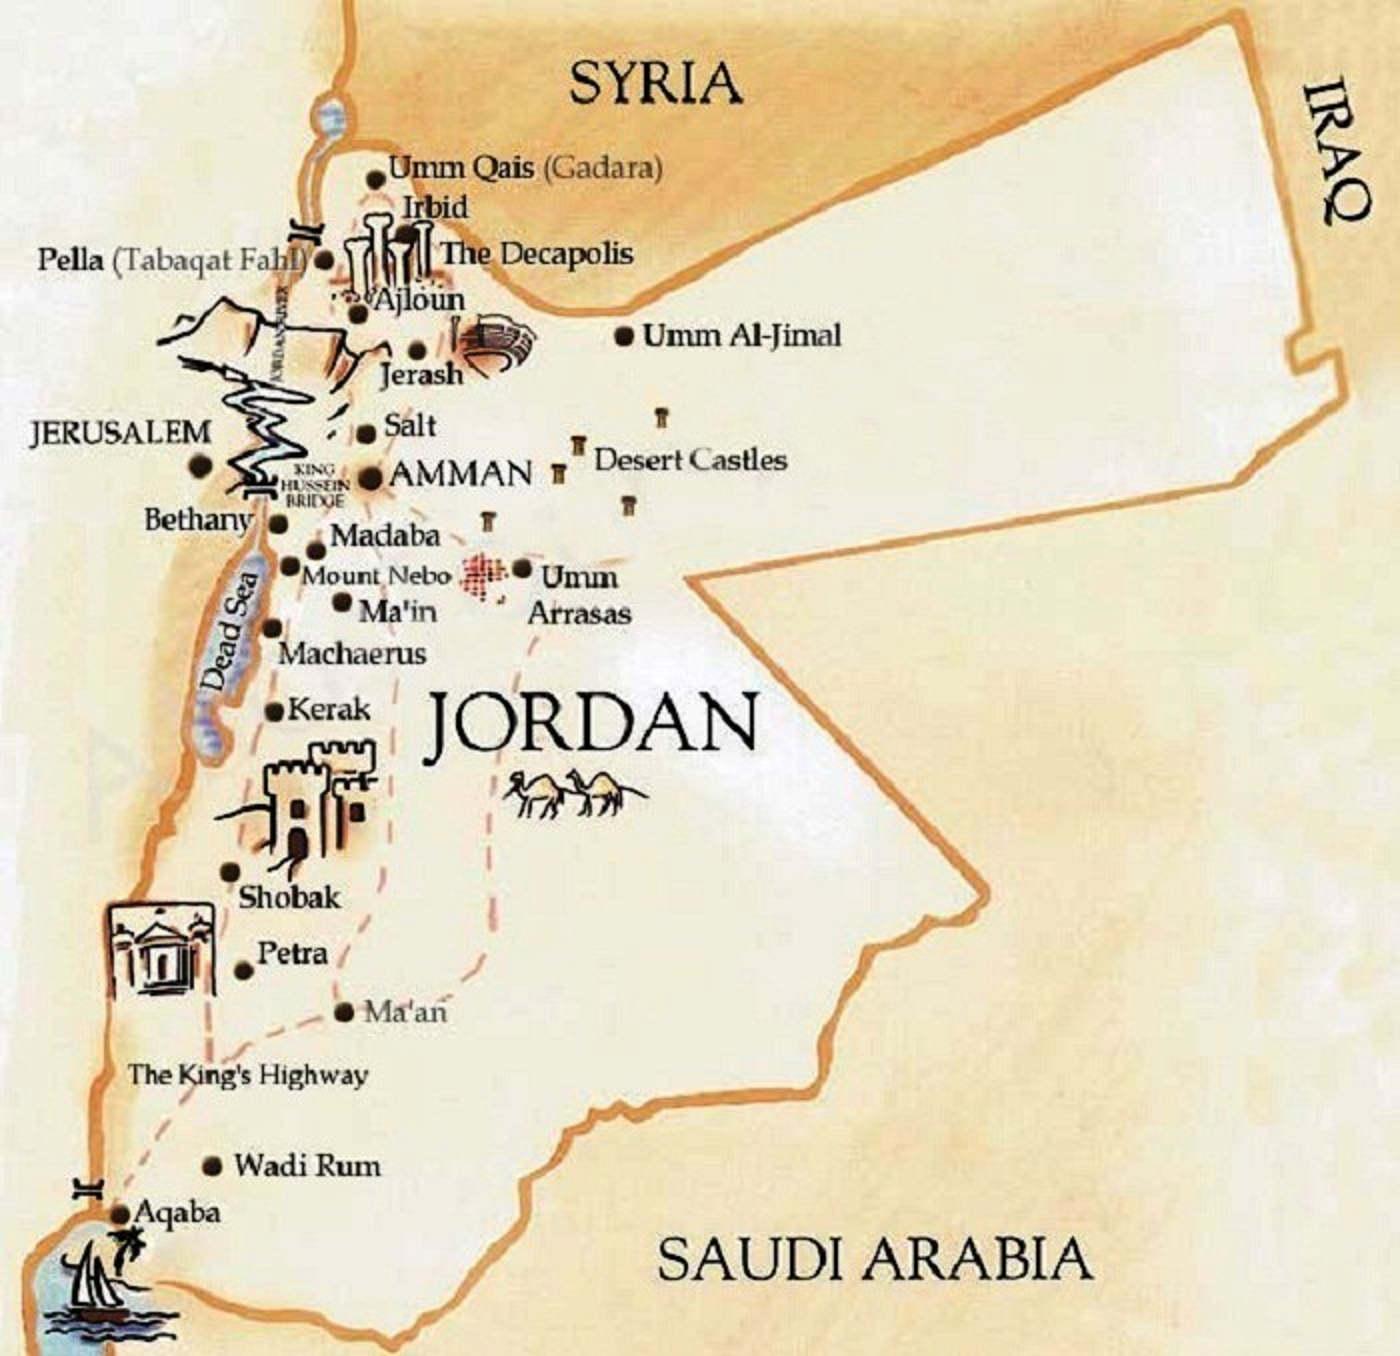 Cosa vedere ad Anman - Itinerario di Viaggio in Giordania mappa Jordan